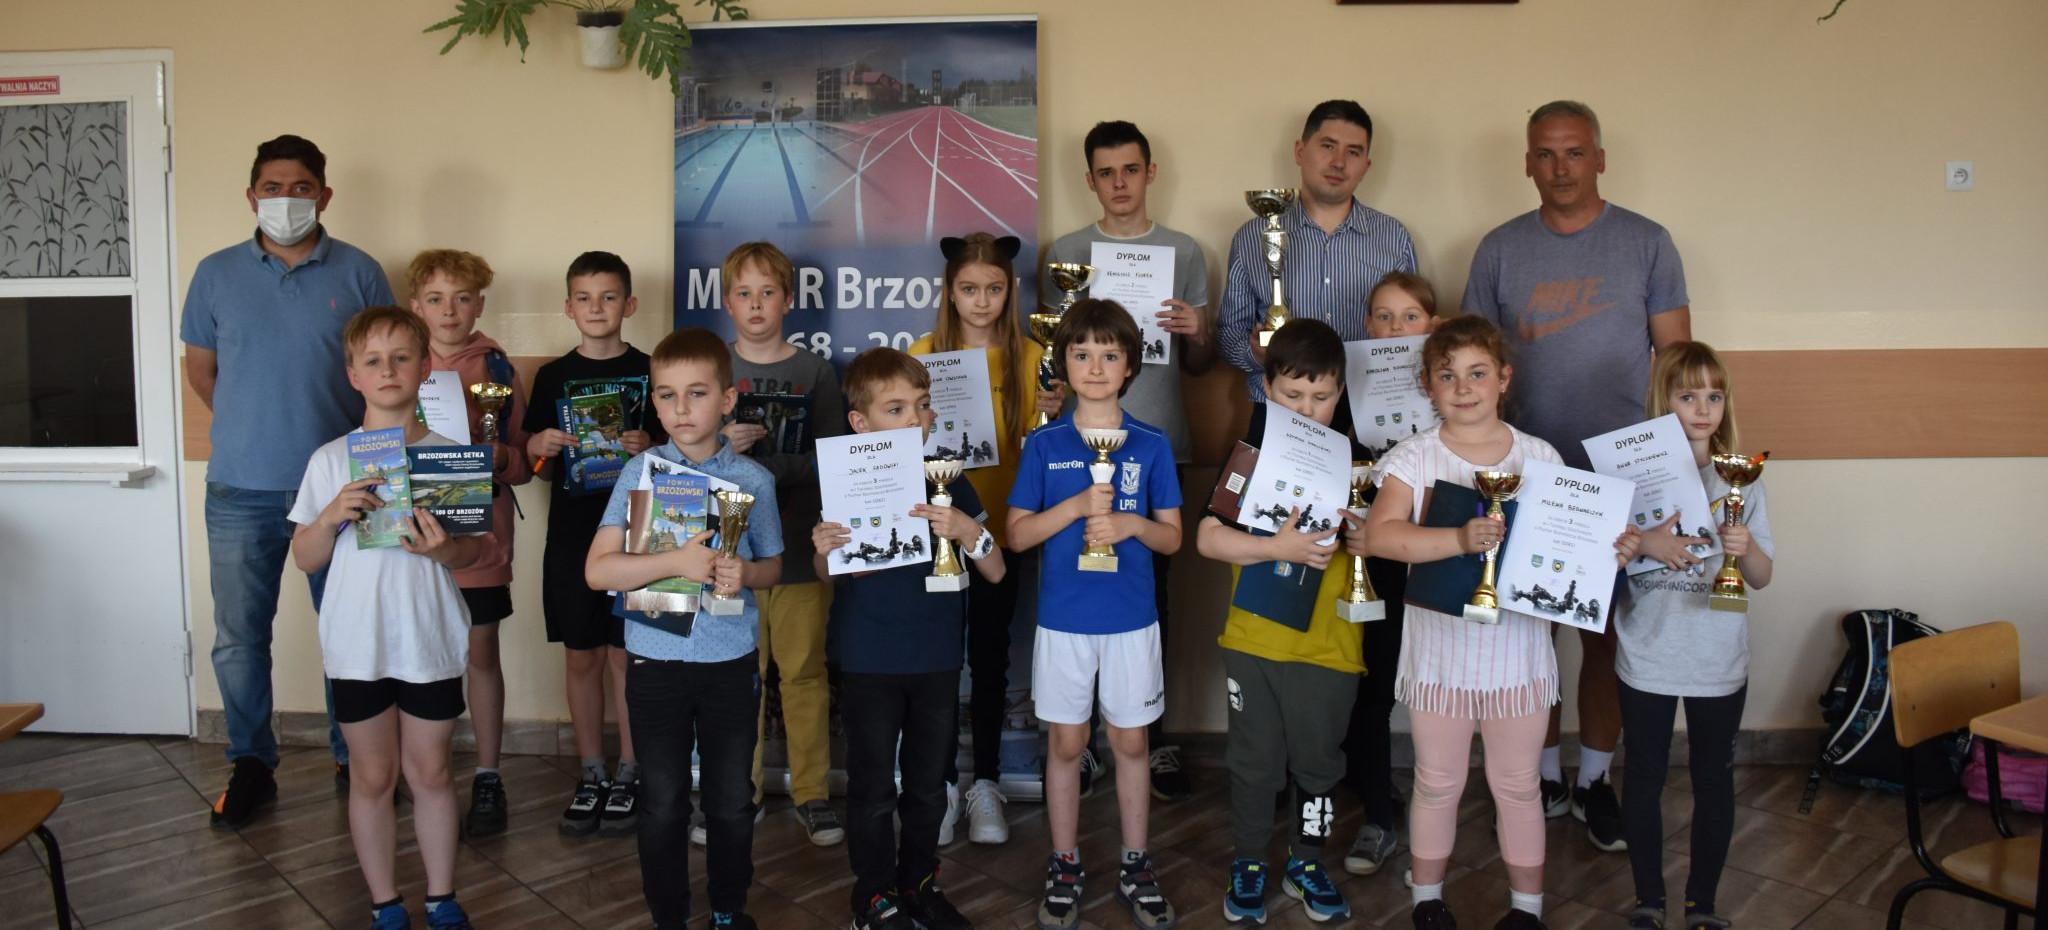 Turniej Szachowy o Puchar Burmistrza Brzozowa